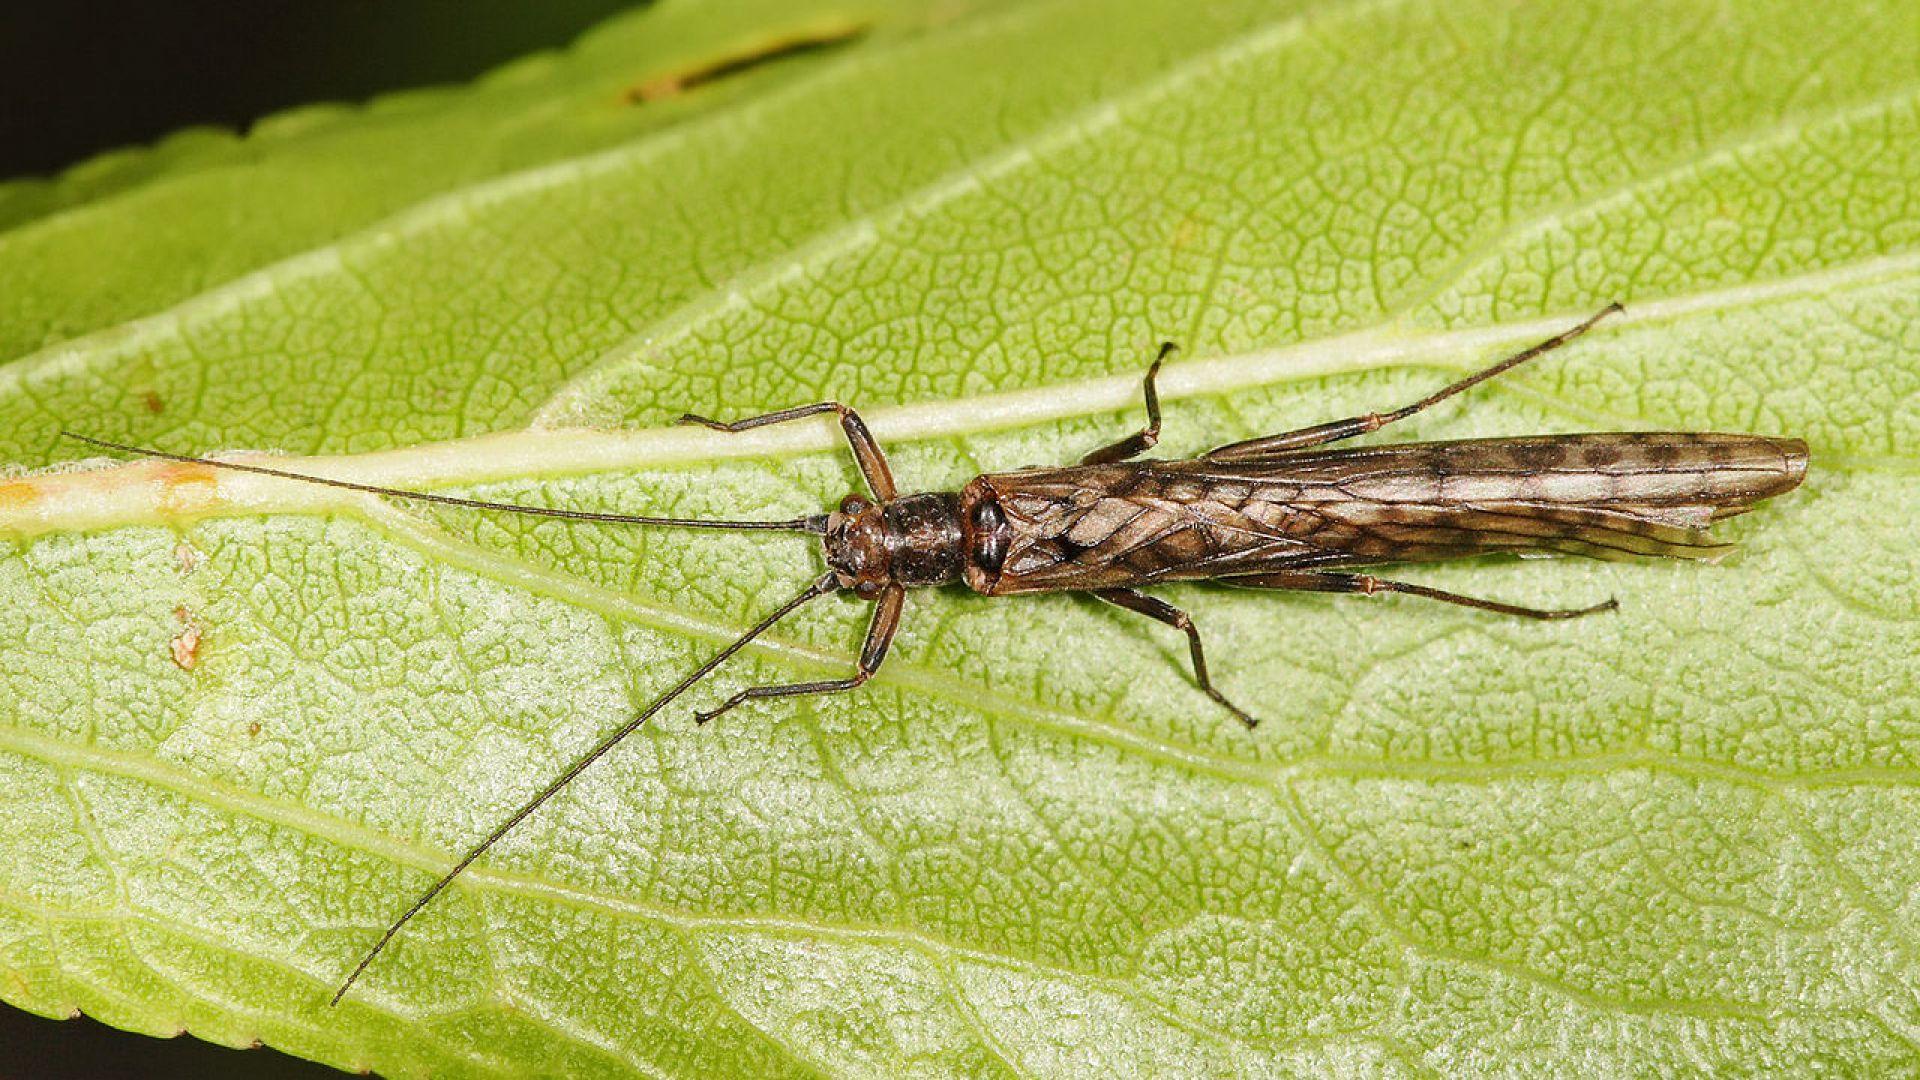 Обезлесяването може да предизвика бързи еволюционни промени при насекомите